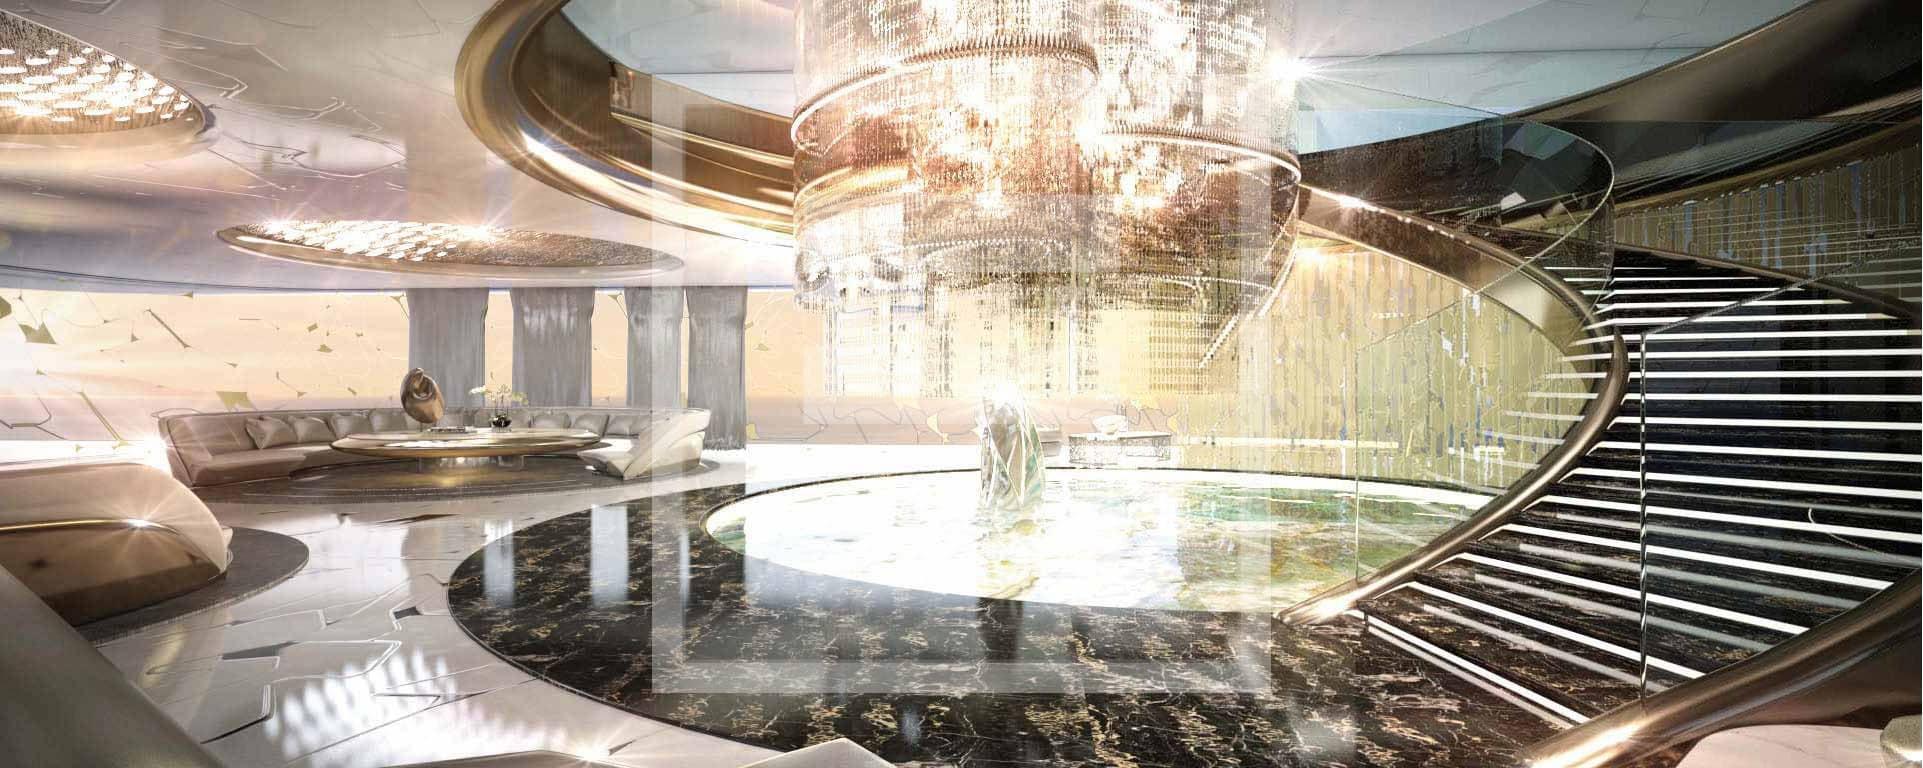 Un design interno futuristico rivisitato che si richiama alla fantascienza degli Anni '70